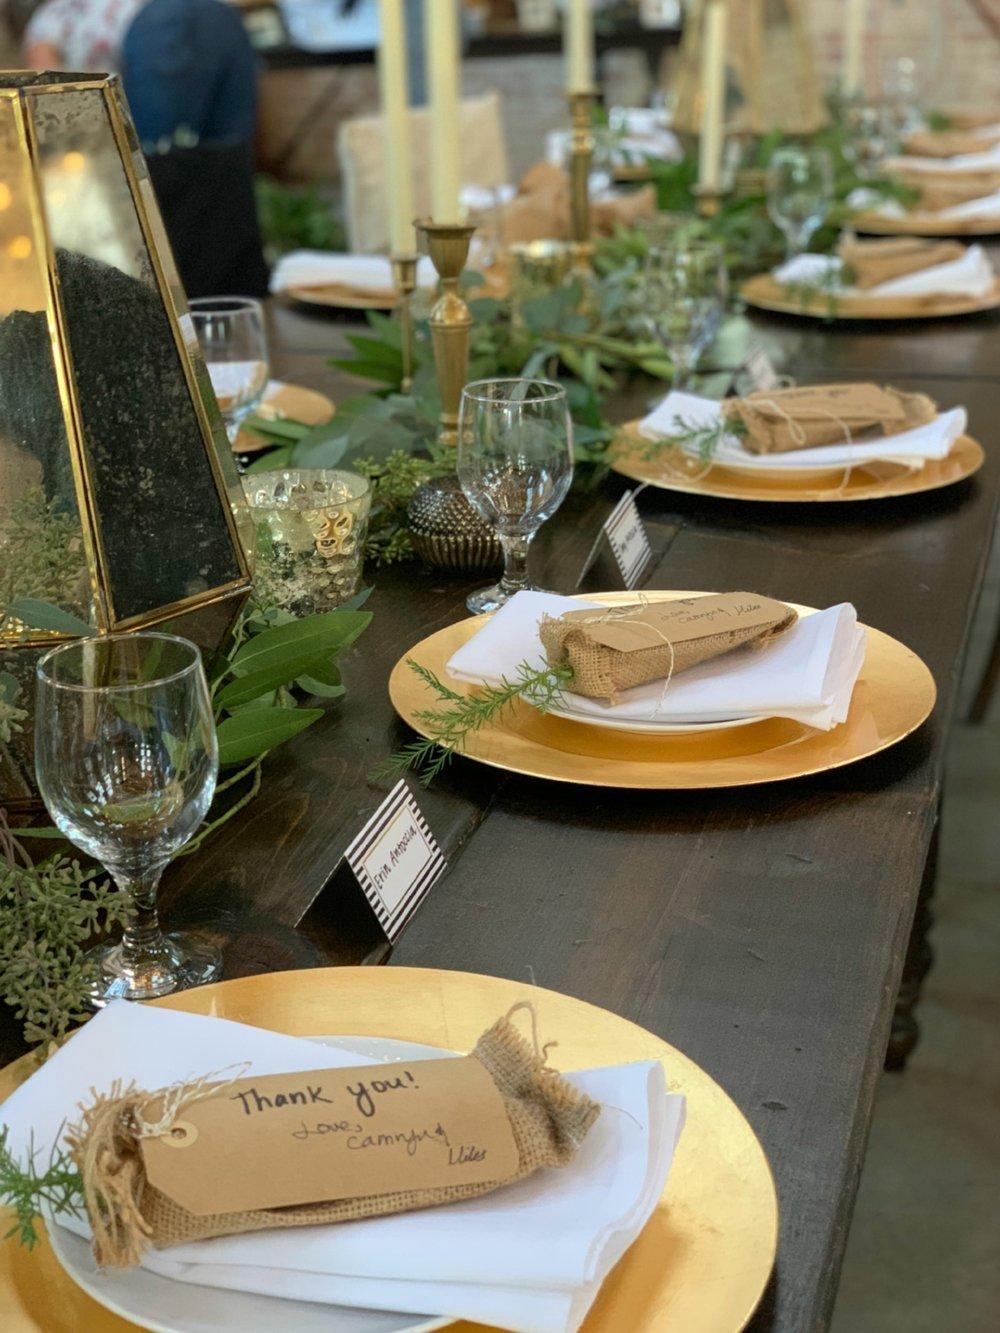 Wedding Farm Table Rentals - Manteca